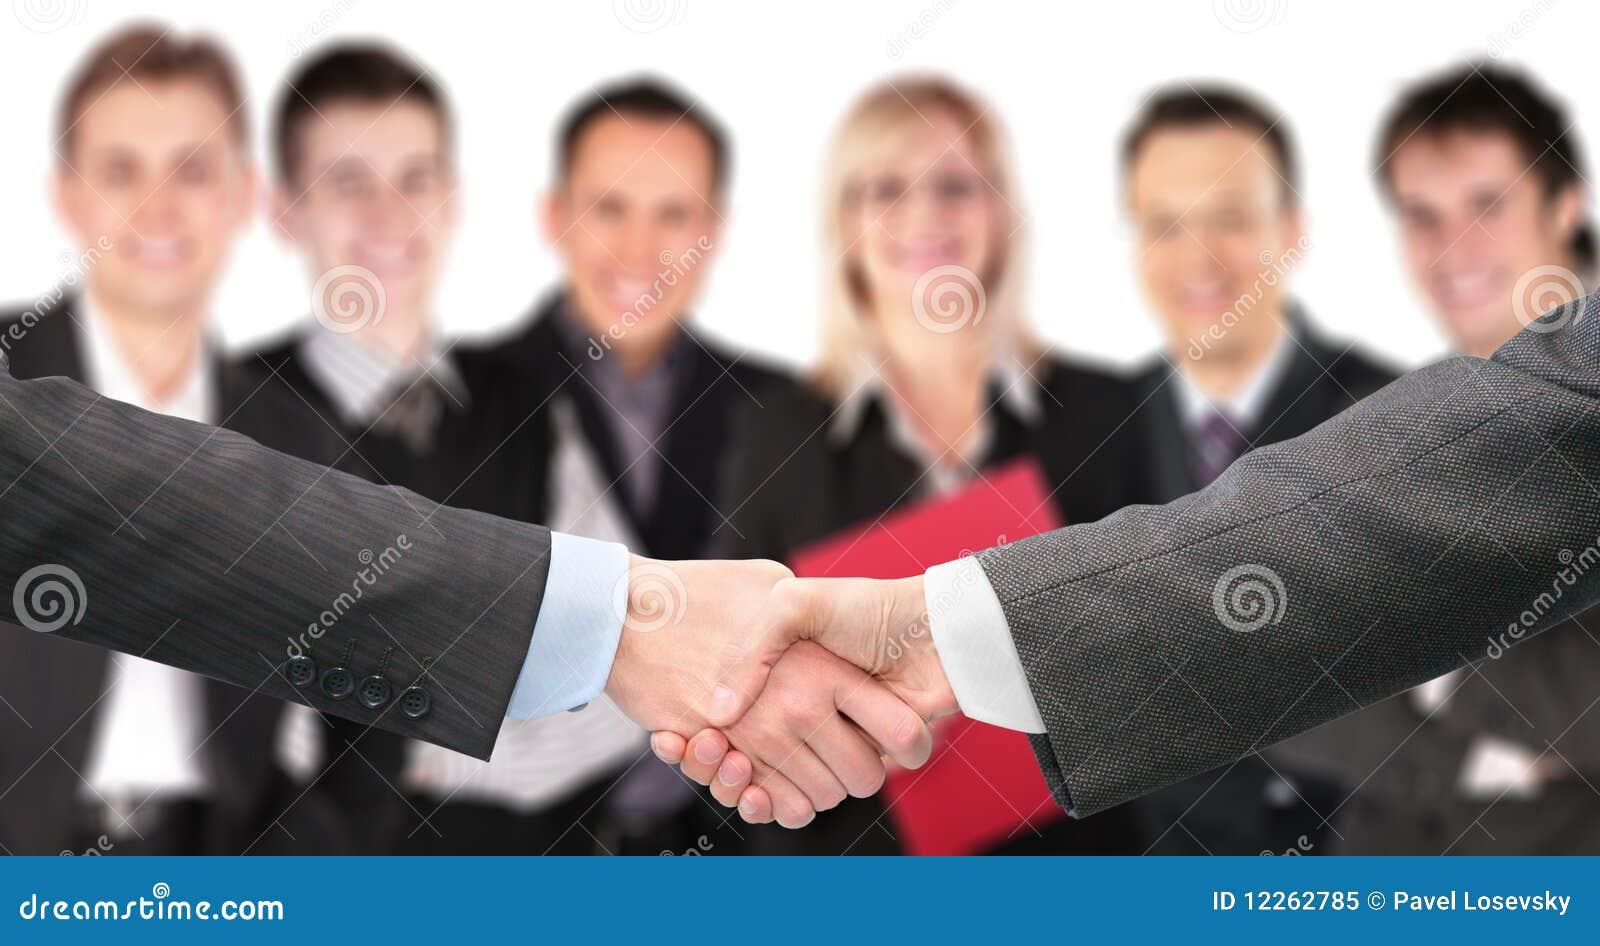 Agitando as mãos e a unidade de negócio fora de foco